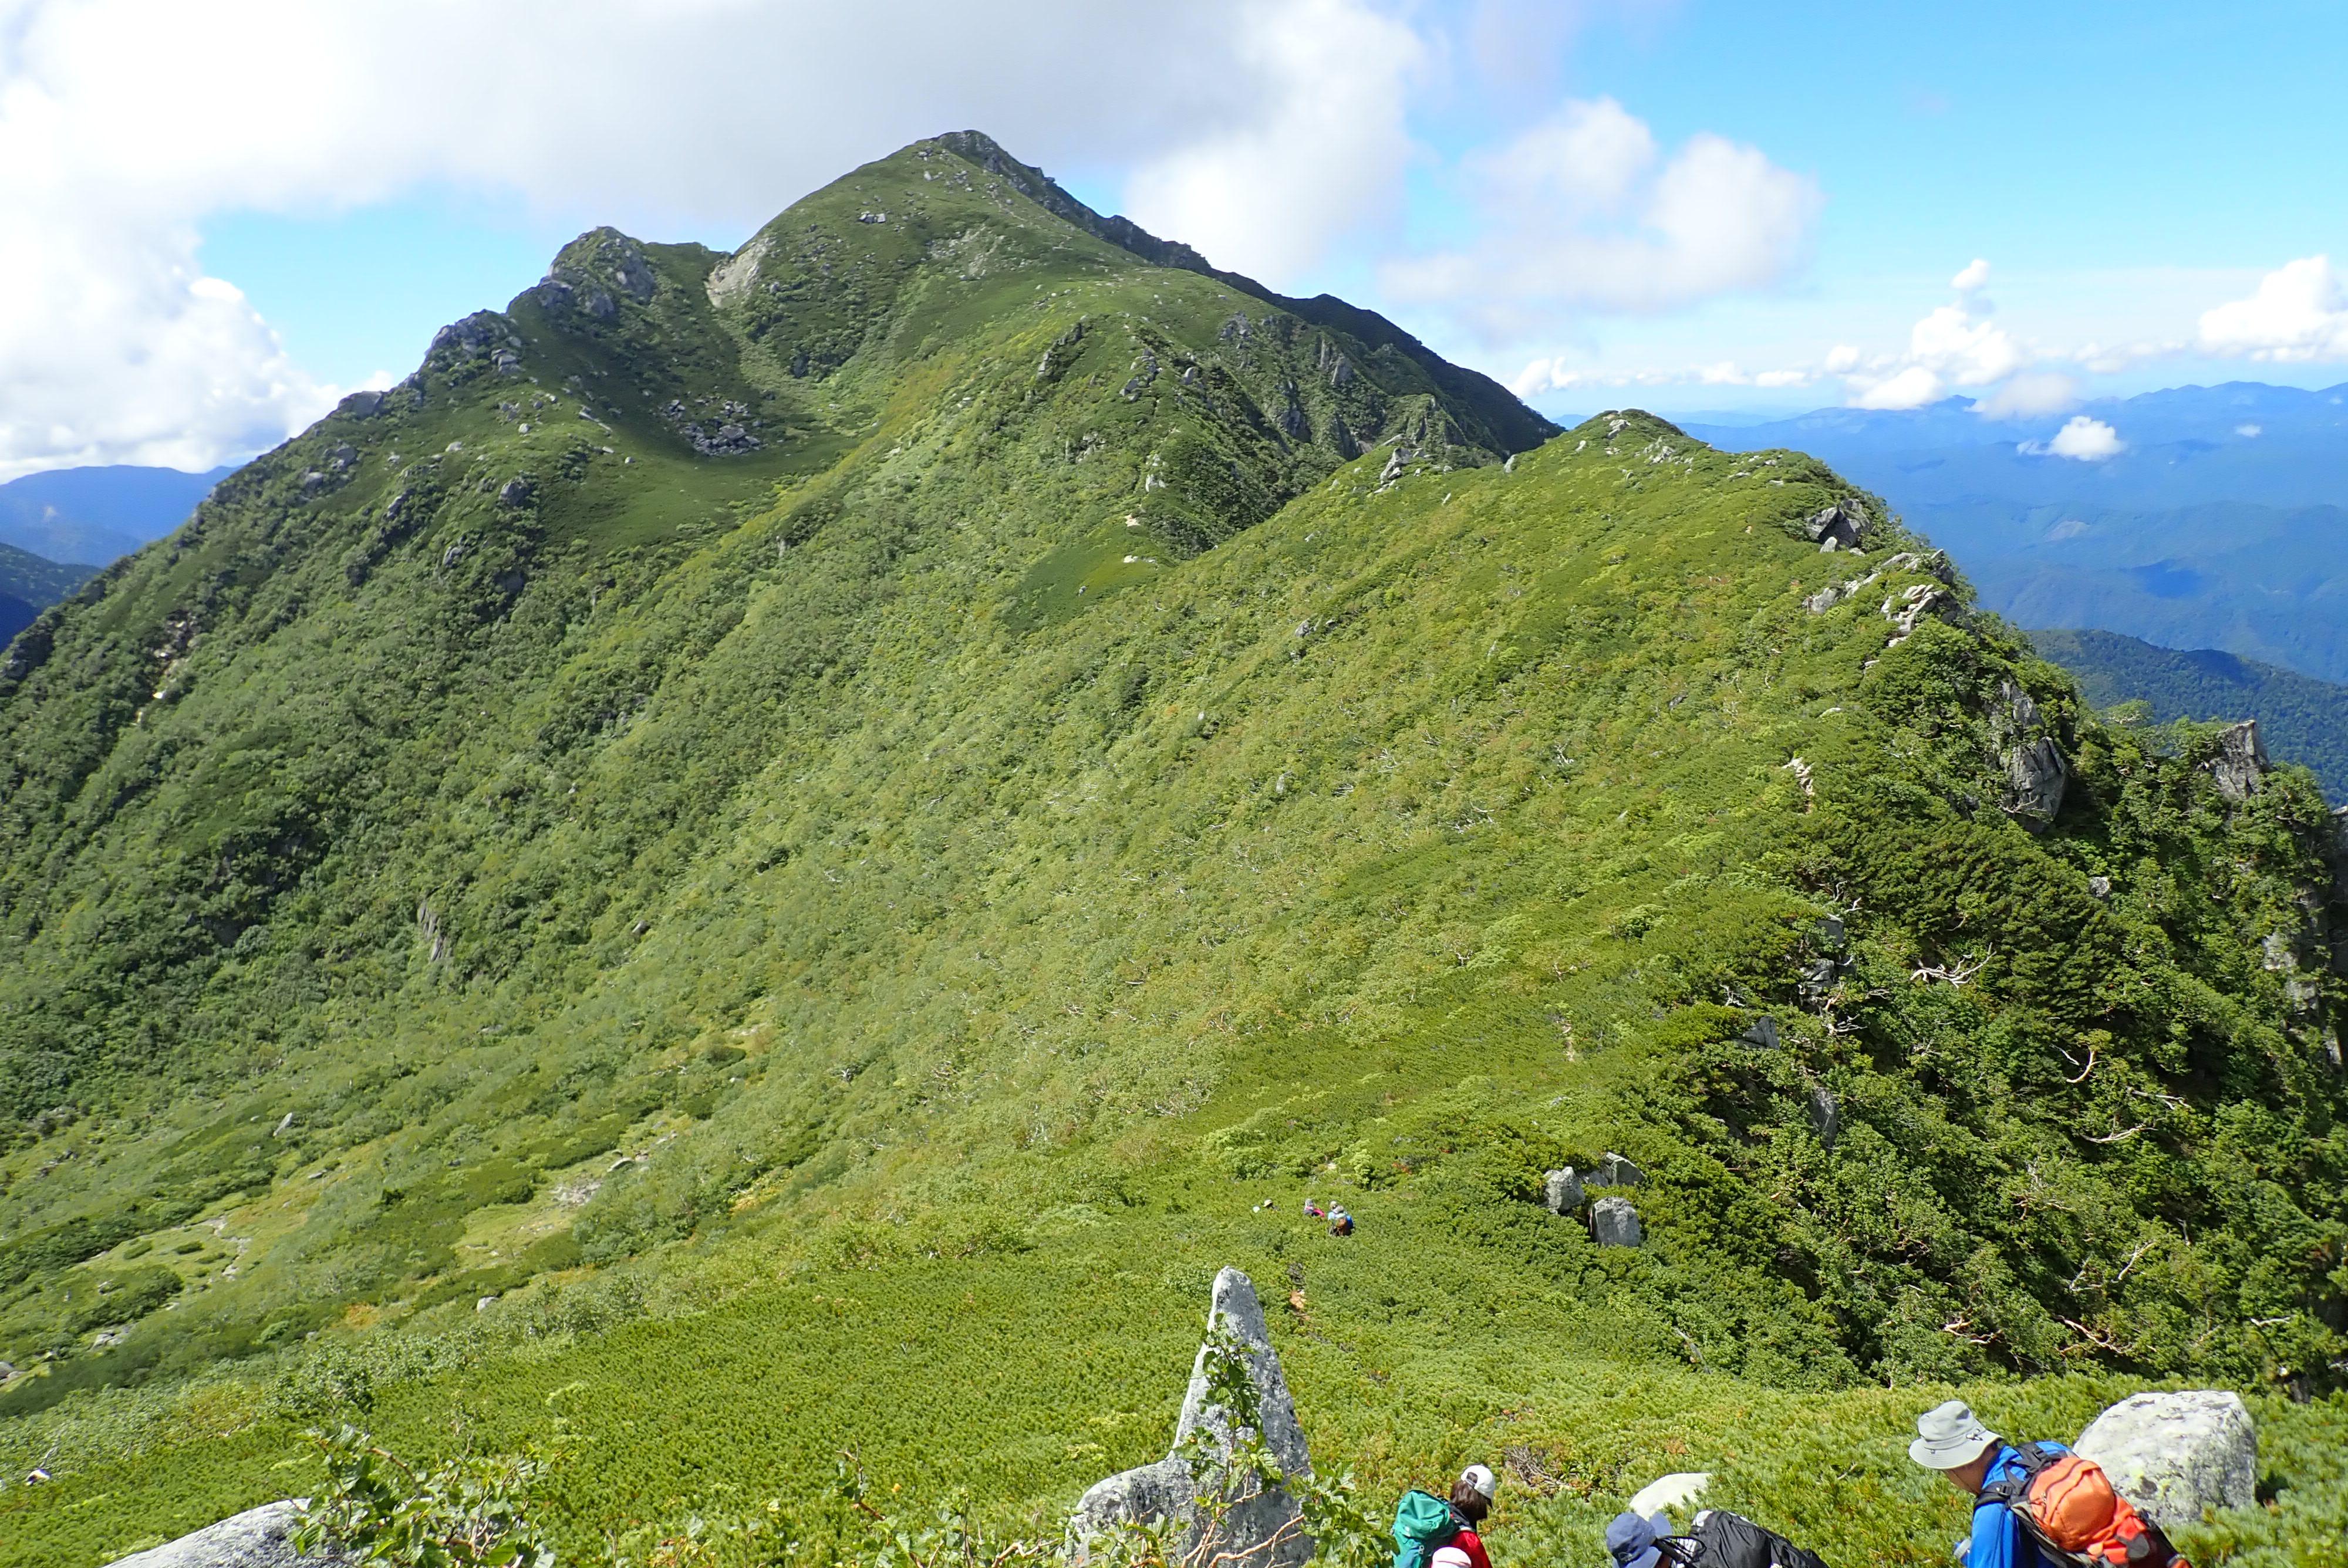 2020/09/05 三ノ沢岳『ハイマツの登山道から中央アルプスの峰々を望む』